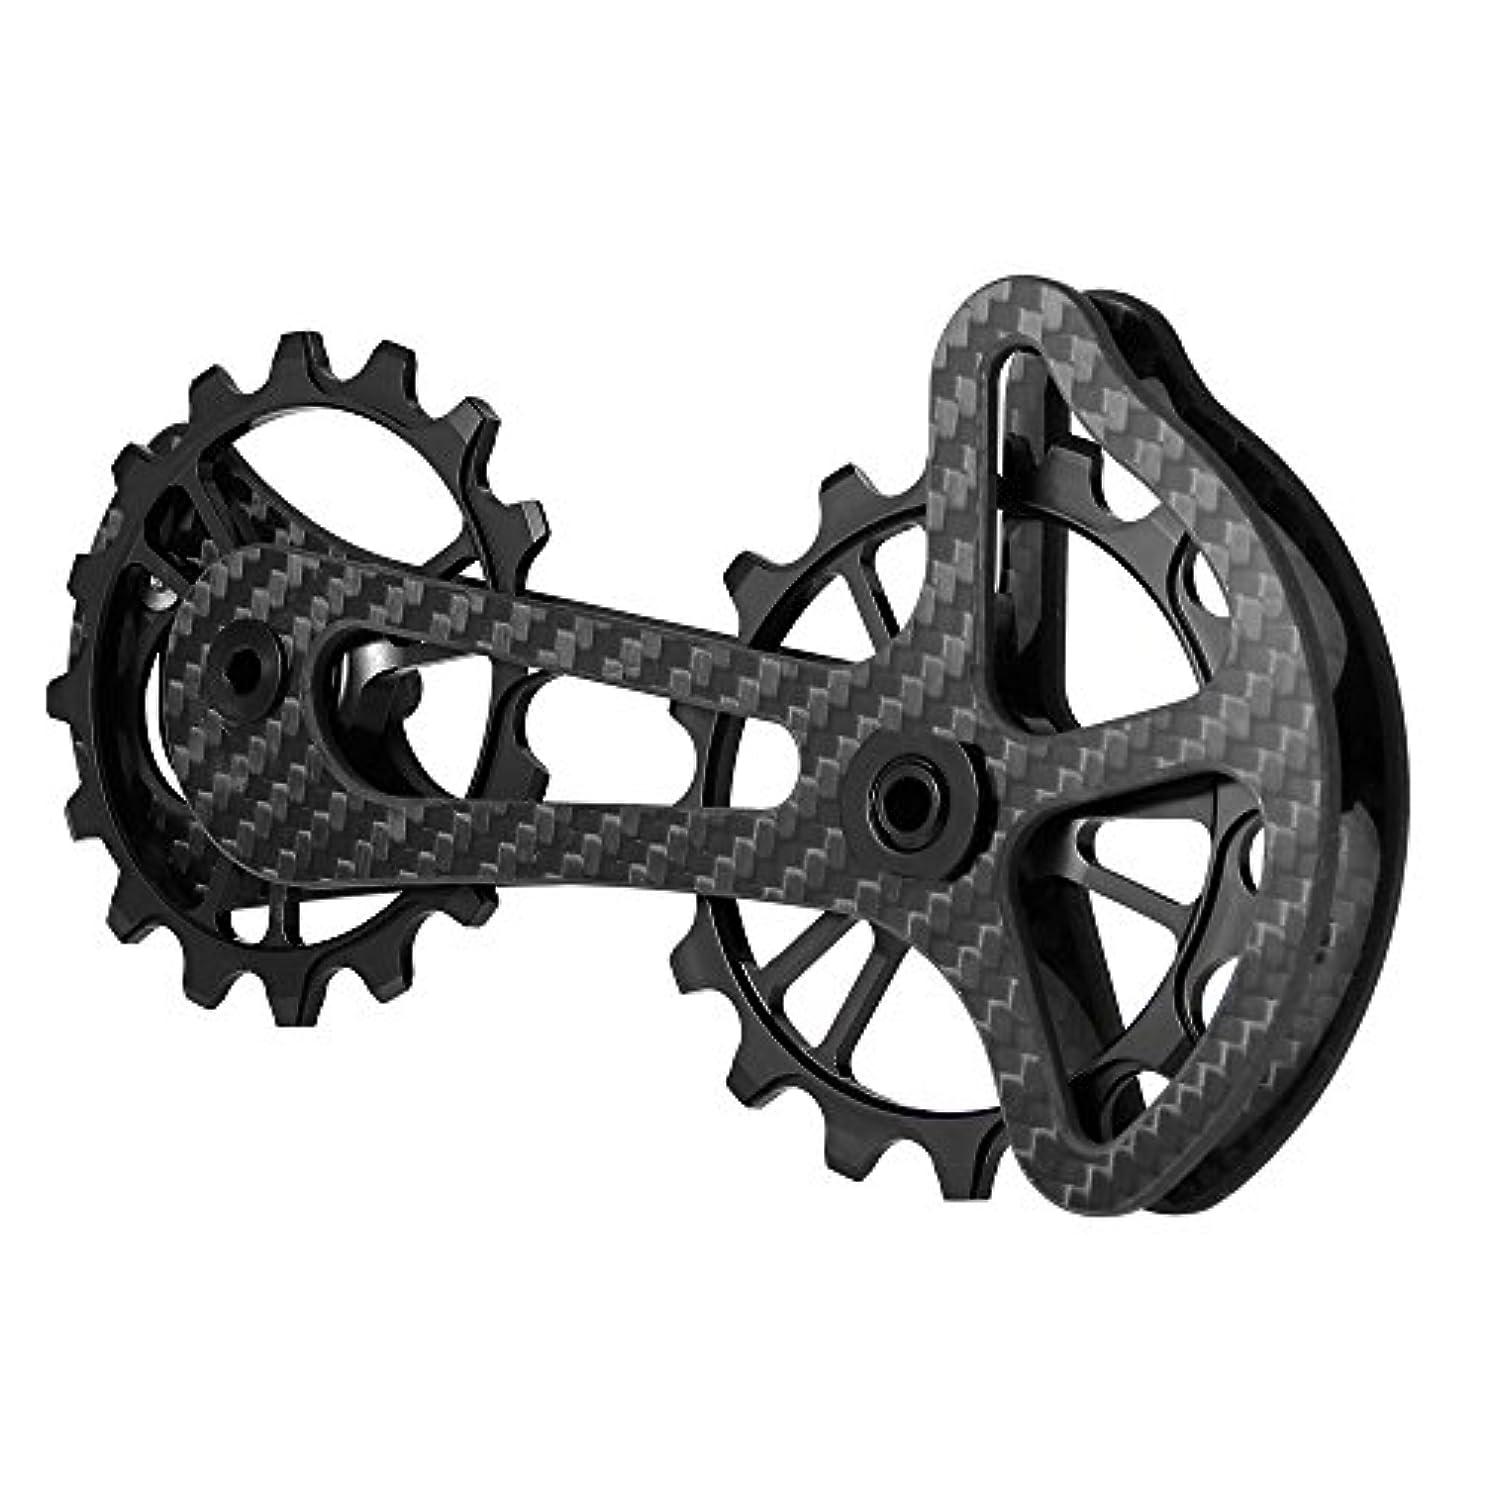 不格好焦がす省略LIXADA 16T ディレイラープーリー 自転車用 リアディレイラー ビッグプーリー カーボン 自転車プーリー 自転車パーツ5800/5700/4600/4700/105